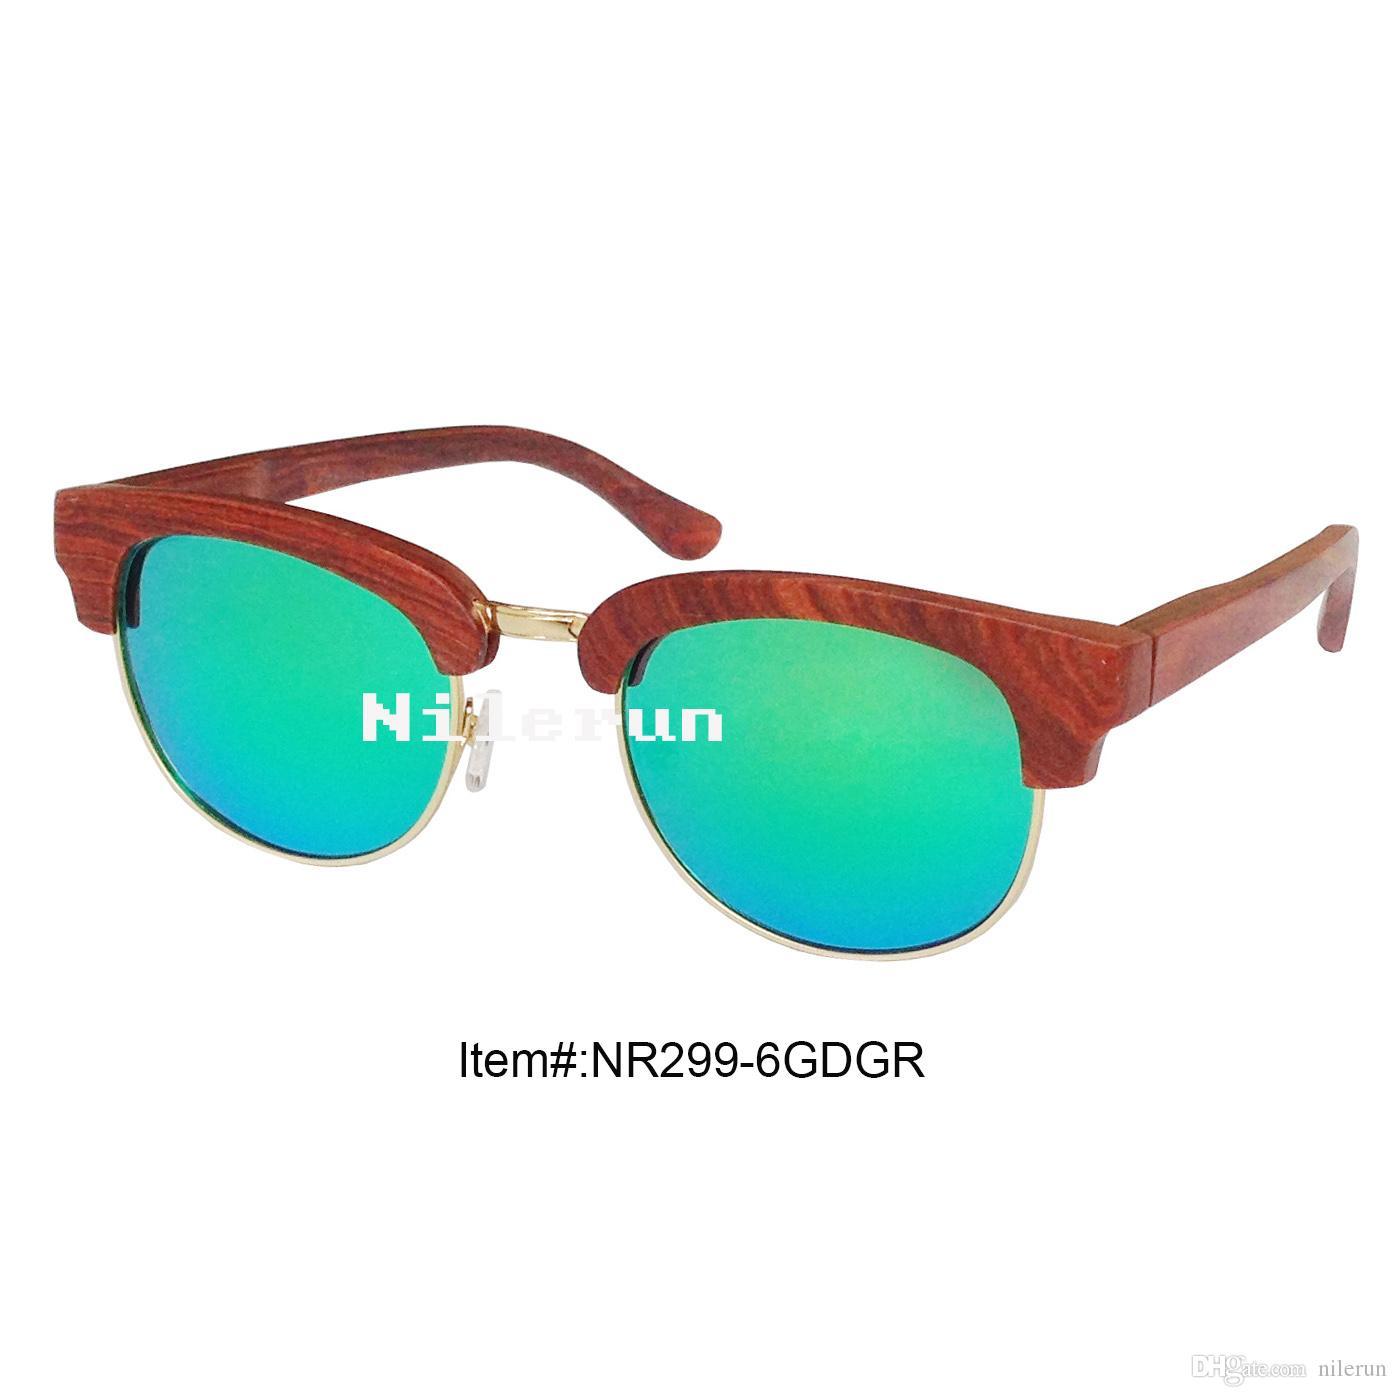 1e4afa591a Compre Gafas De Sol Polarizadas Verde De Alta Calidad Del Marco De Madera  De La Rosa Del Rojo Del Oro Del Metal De La Lente A $20.31 Del Nilerun |  DHgate.